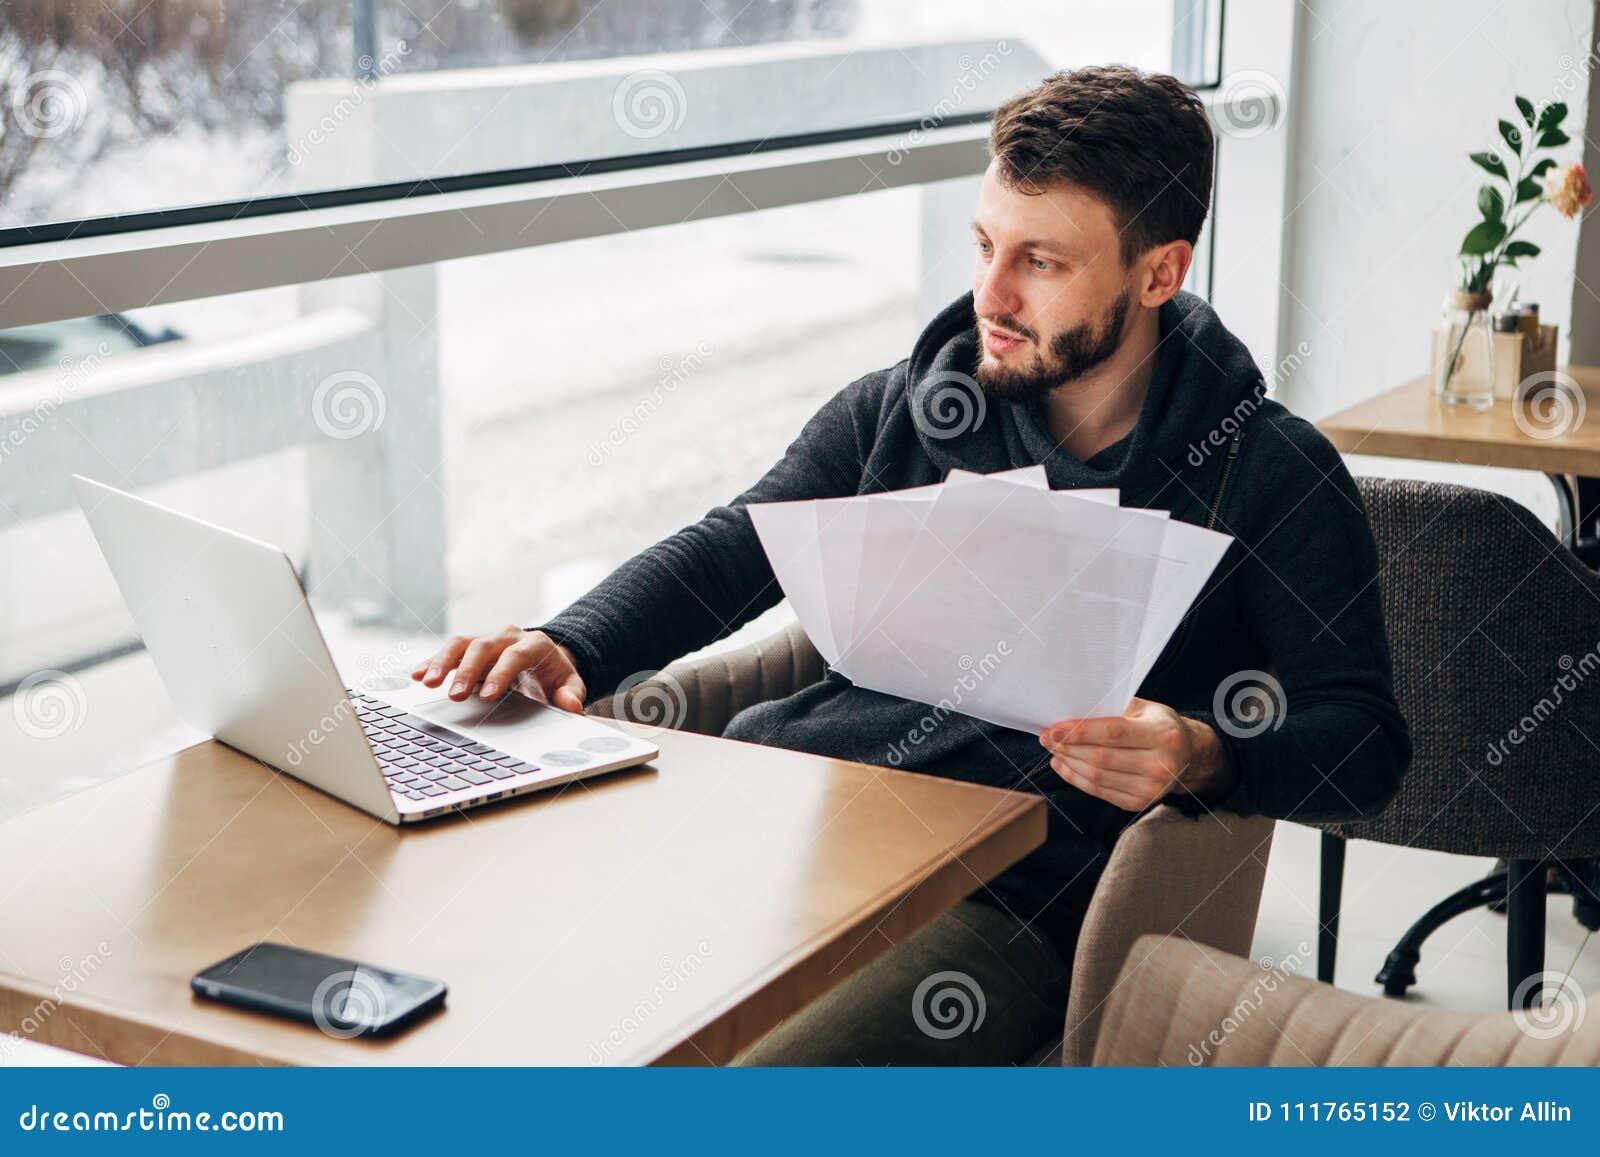 Geconcentreerde Jonge Gebaarde Werkende Laptop van Zakenmanwearing black tshirt Stedelijke Koffie